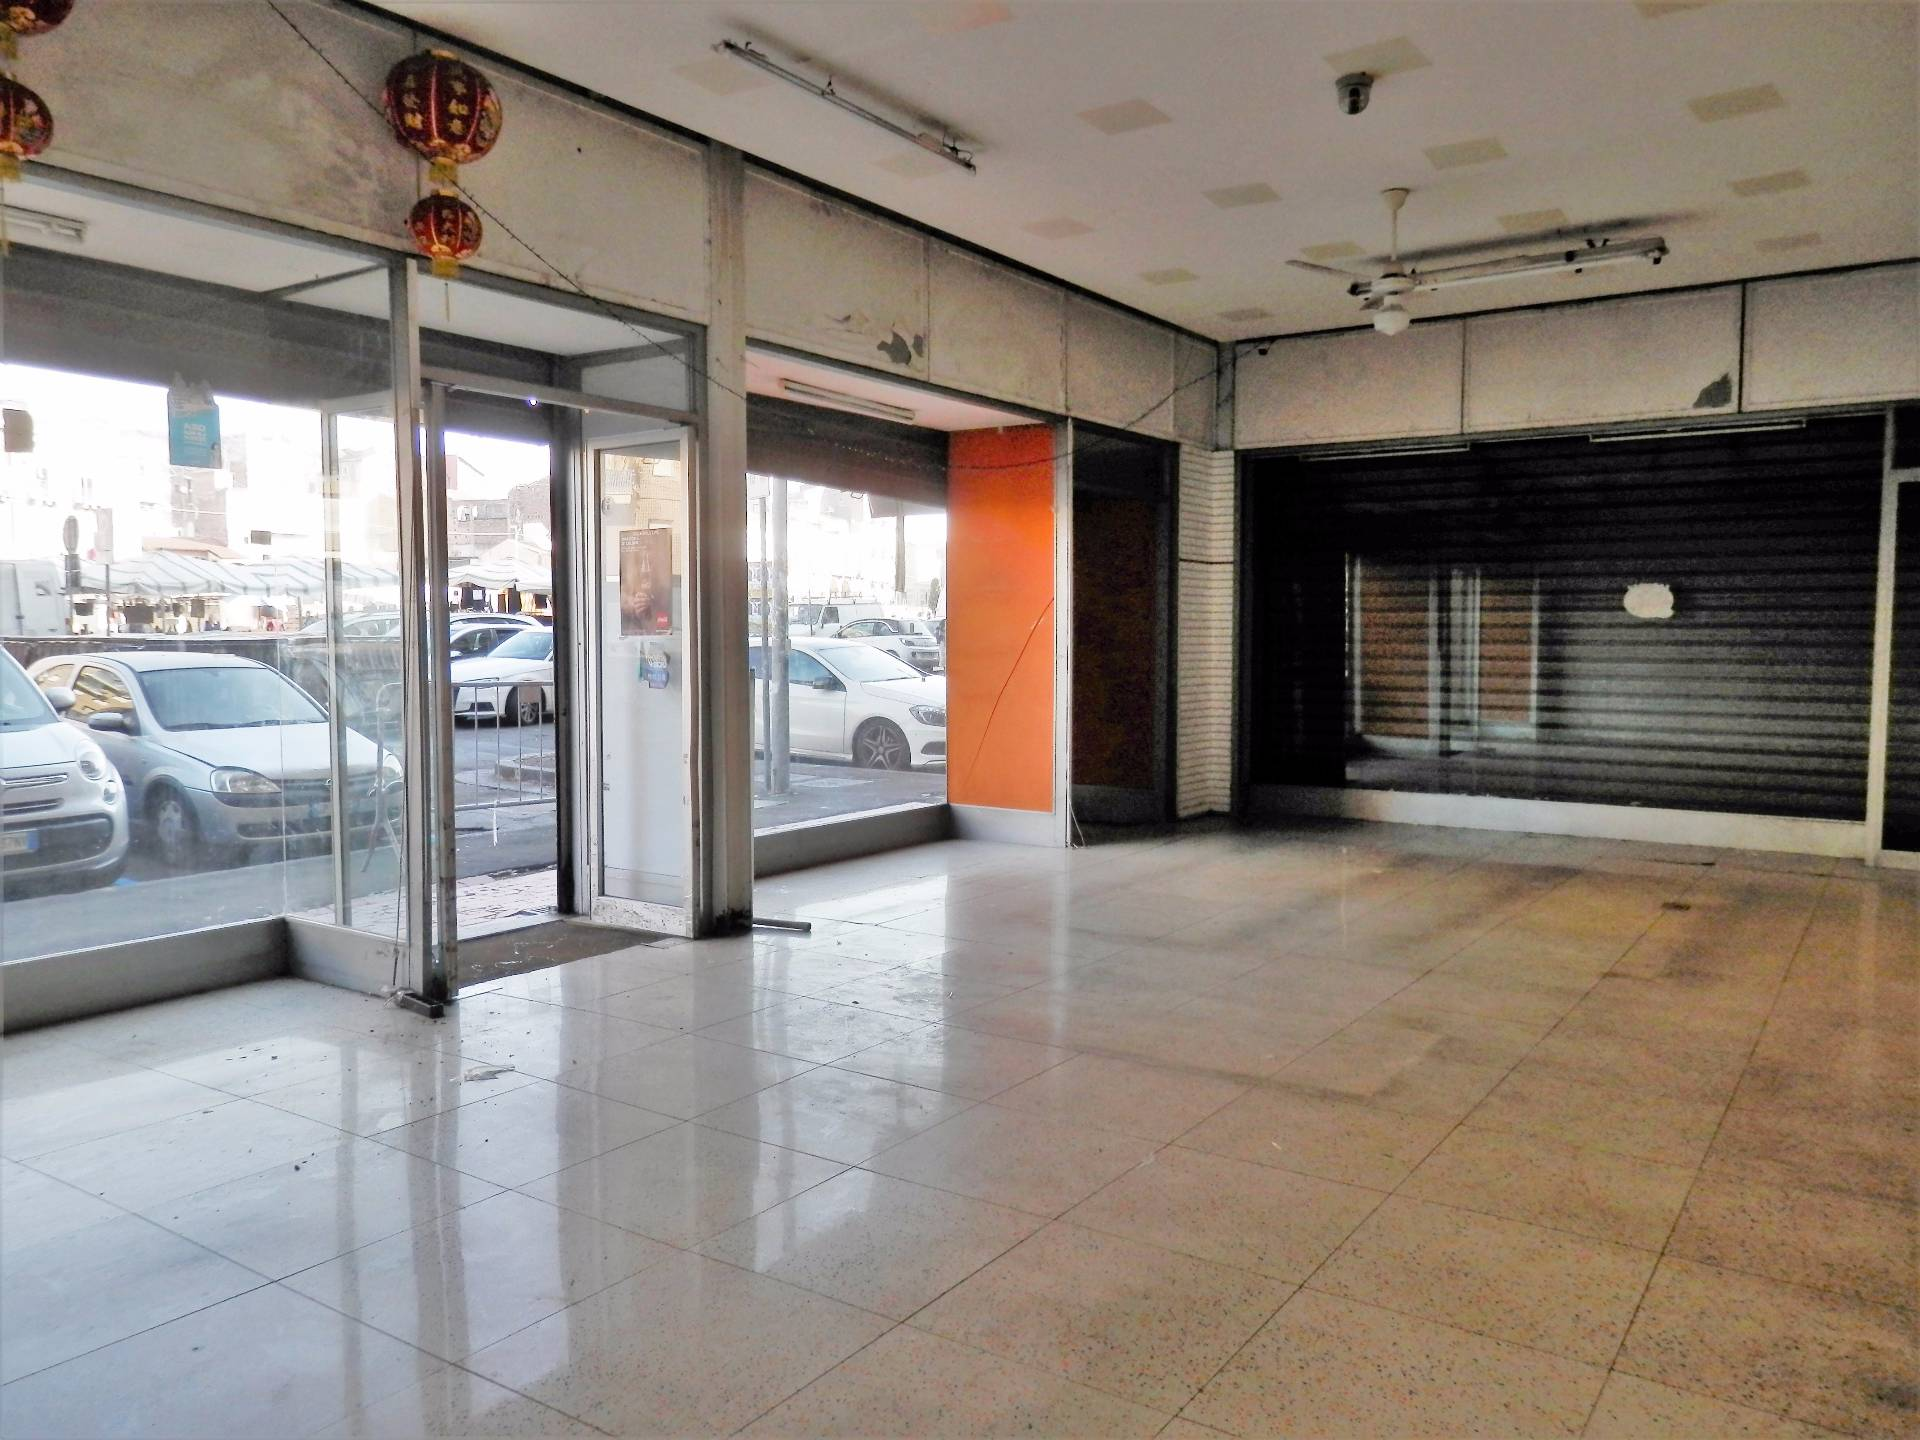 Negozio / Locale in affitto a Catania, 9999 locali, zona Località: C.sodelleprovince, prezzo € 1.200 | CambioCasa.it